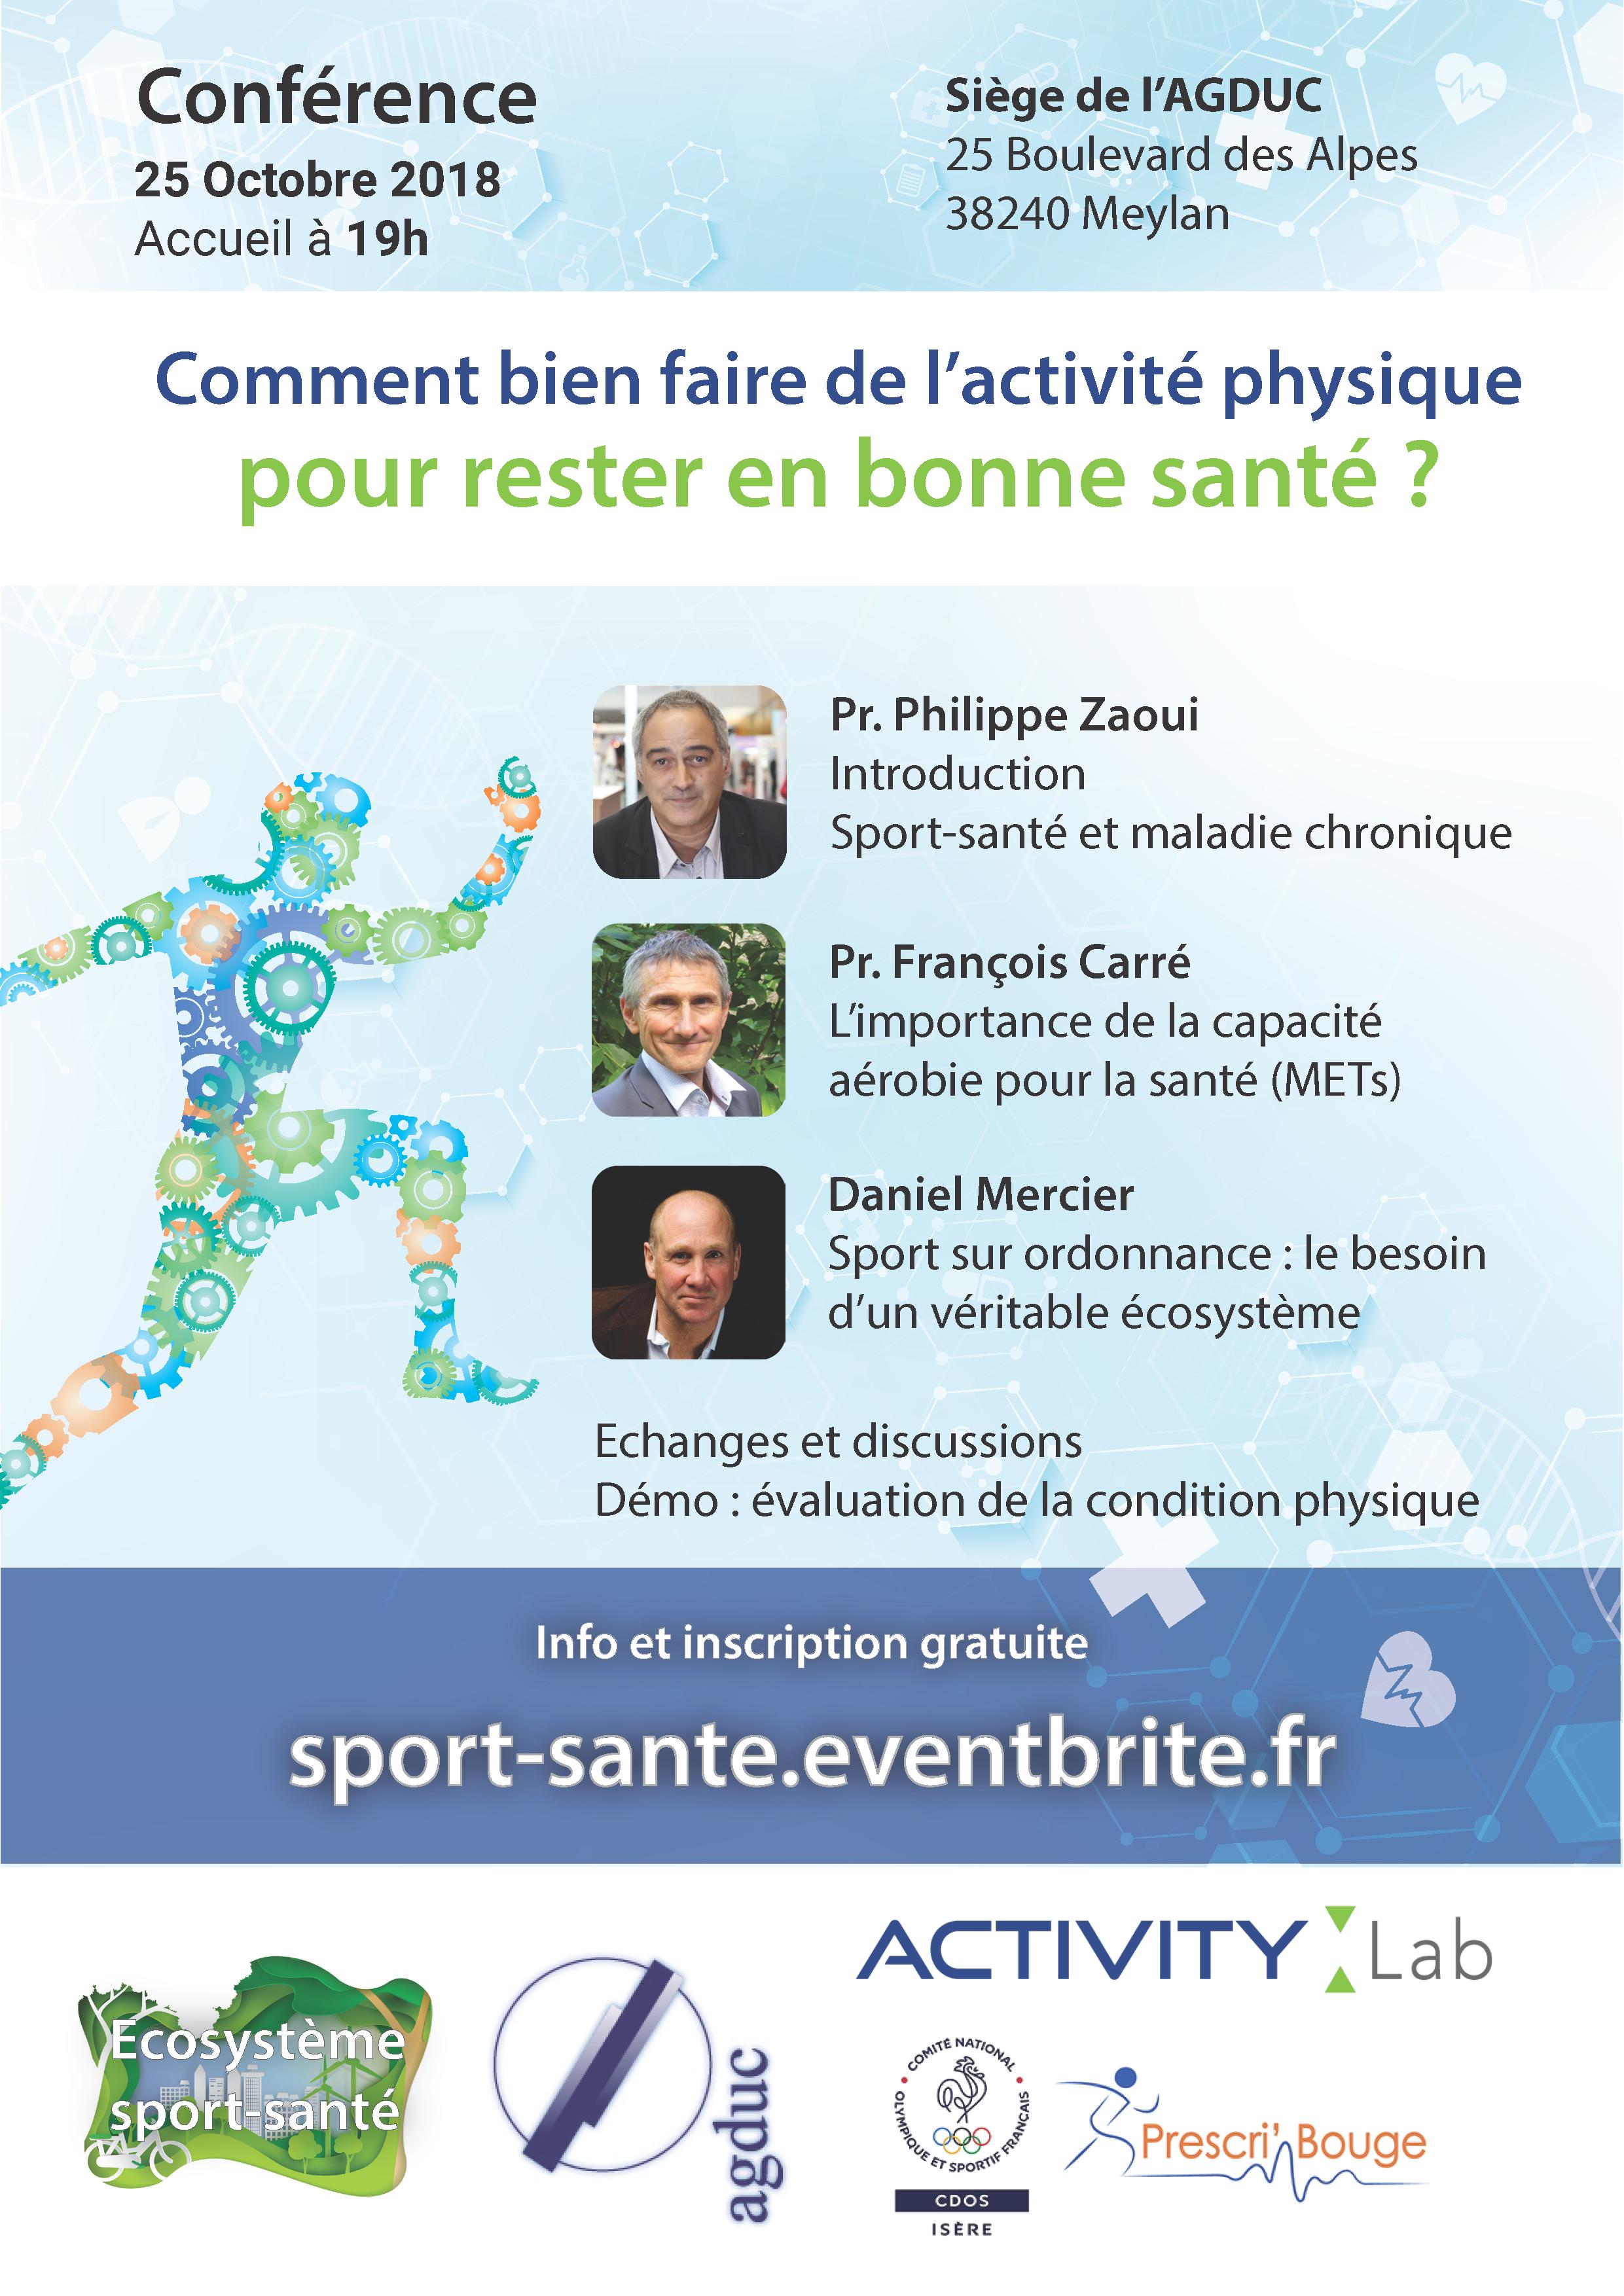 """Conférence Activity Lab : """"Comment bien faire de l'activité physique pour rester en bonne santé?"""" @ Siège de l'AGDUC"""